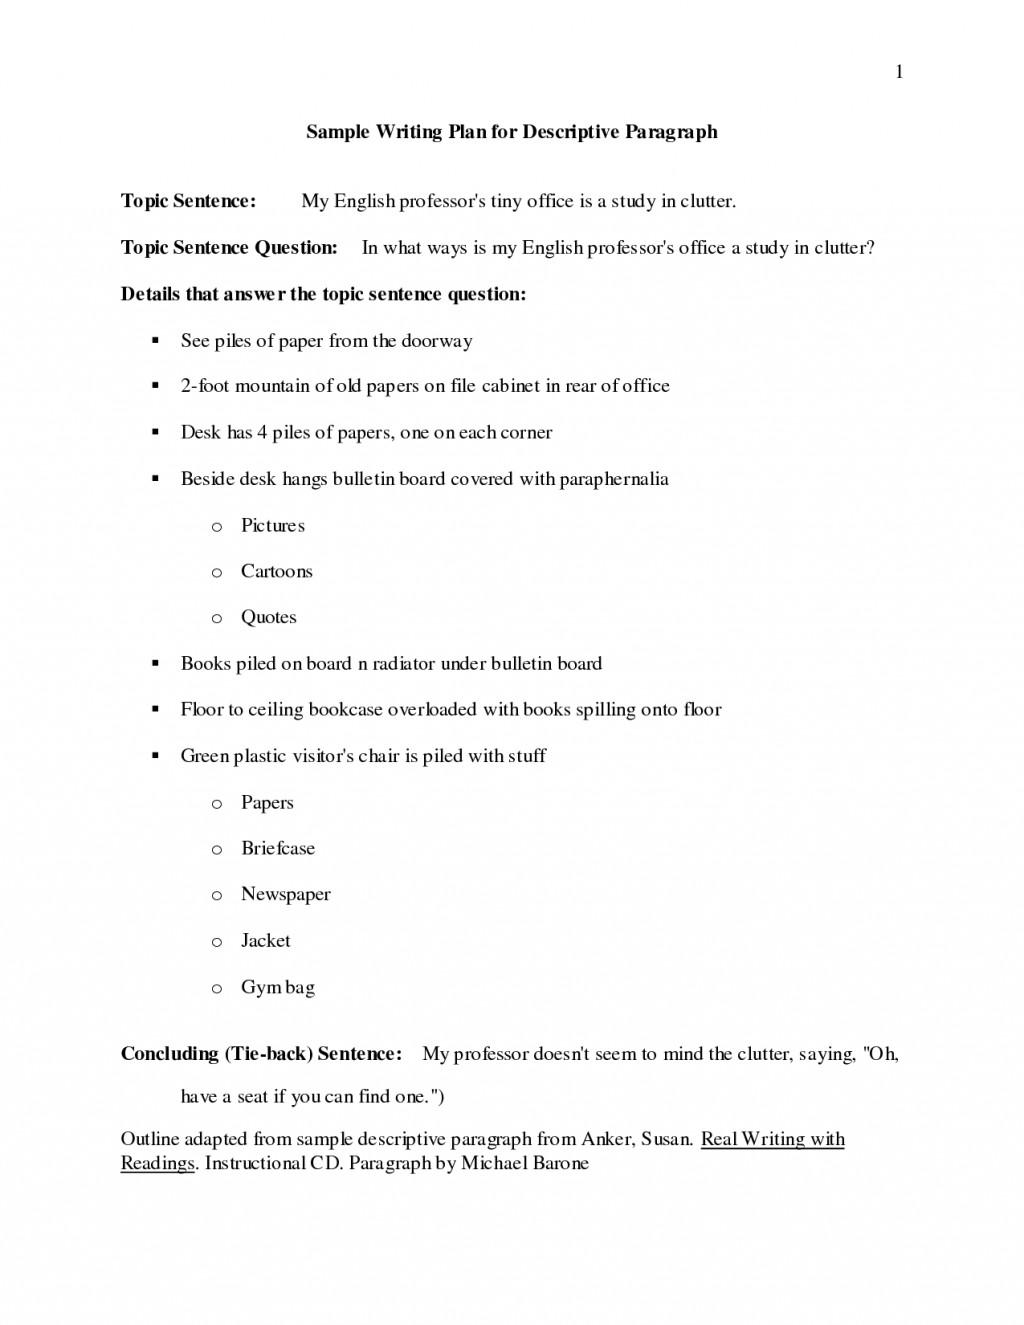 009 Outline Of Essay Descriptives 448810 Impressive Argumentative Sample Mla Format Large